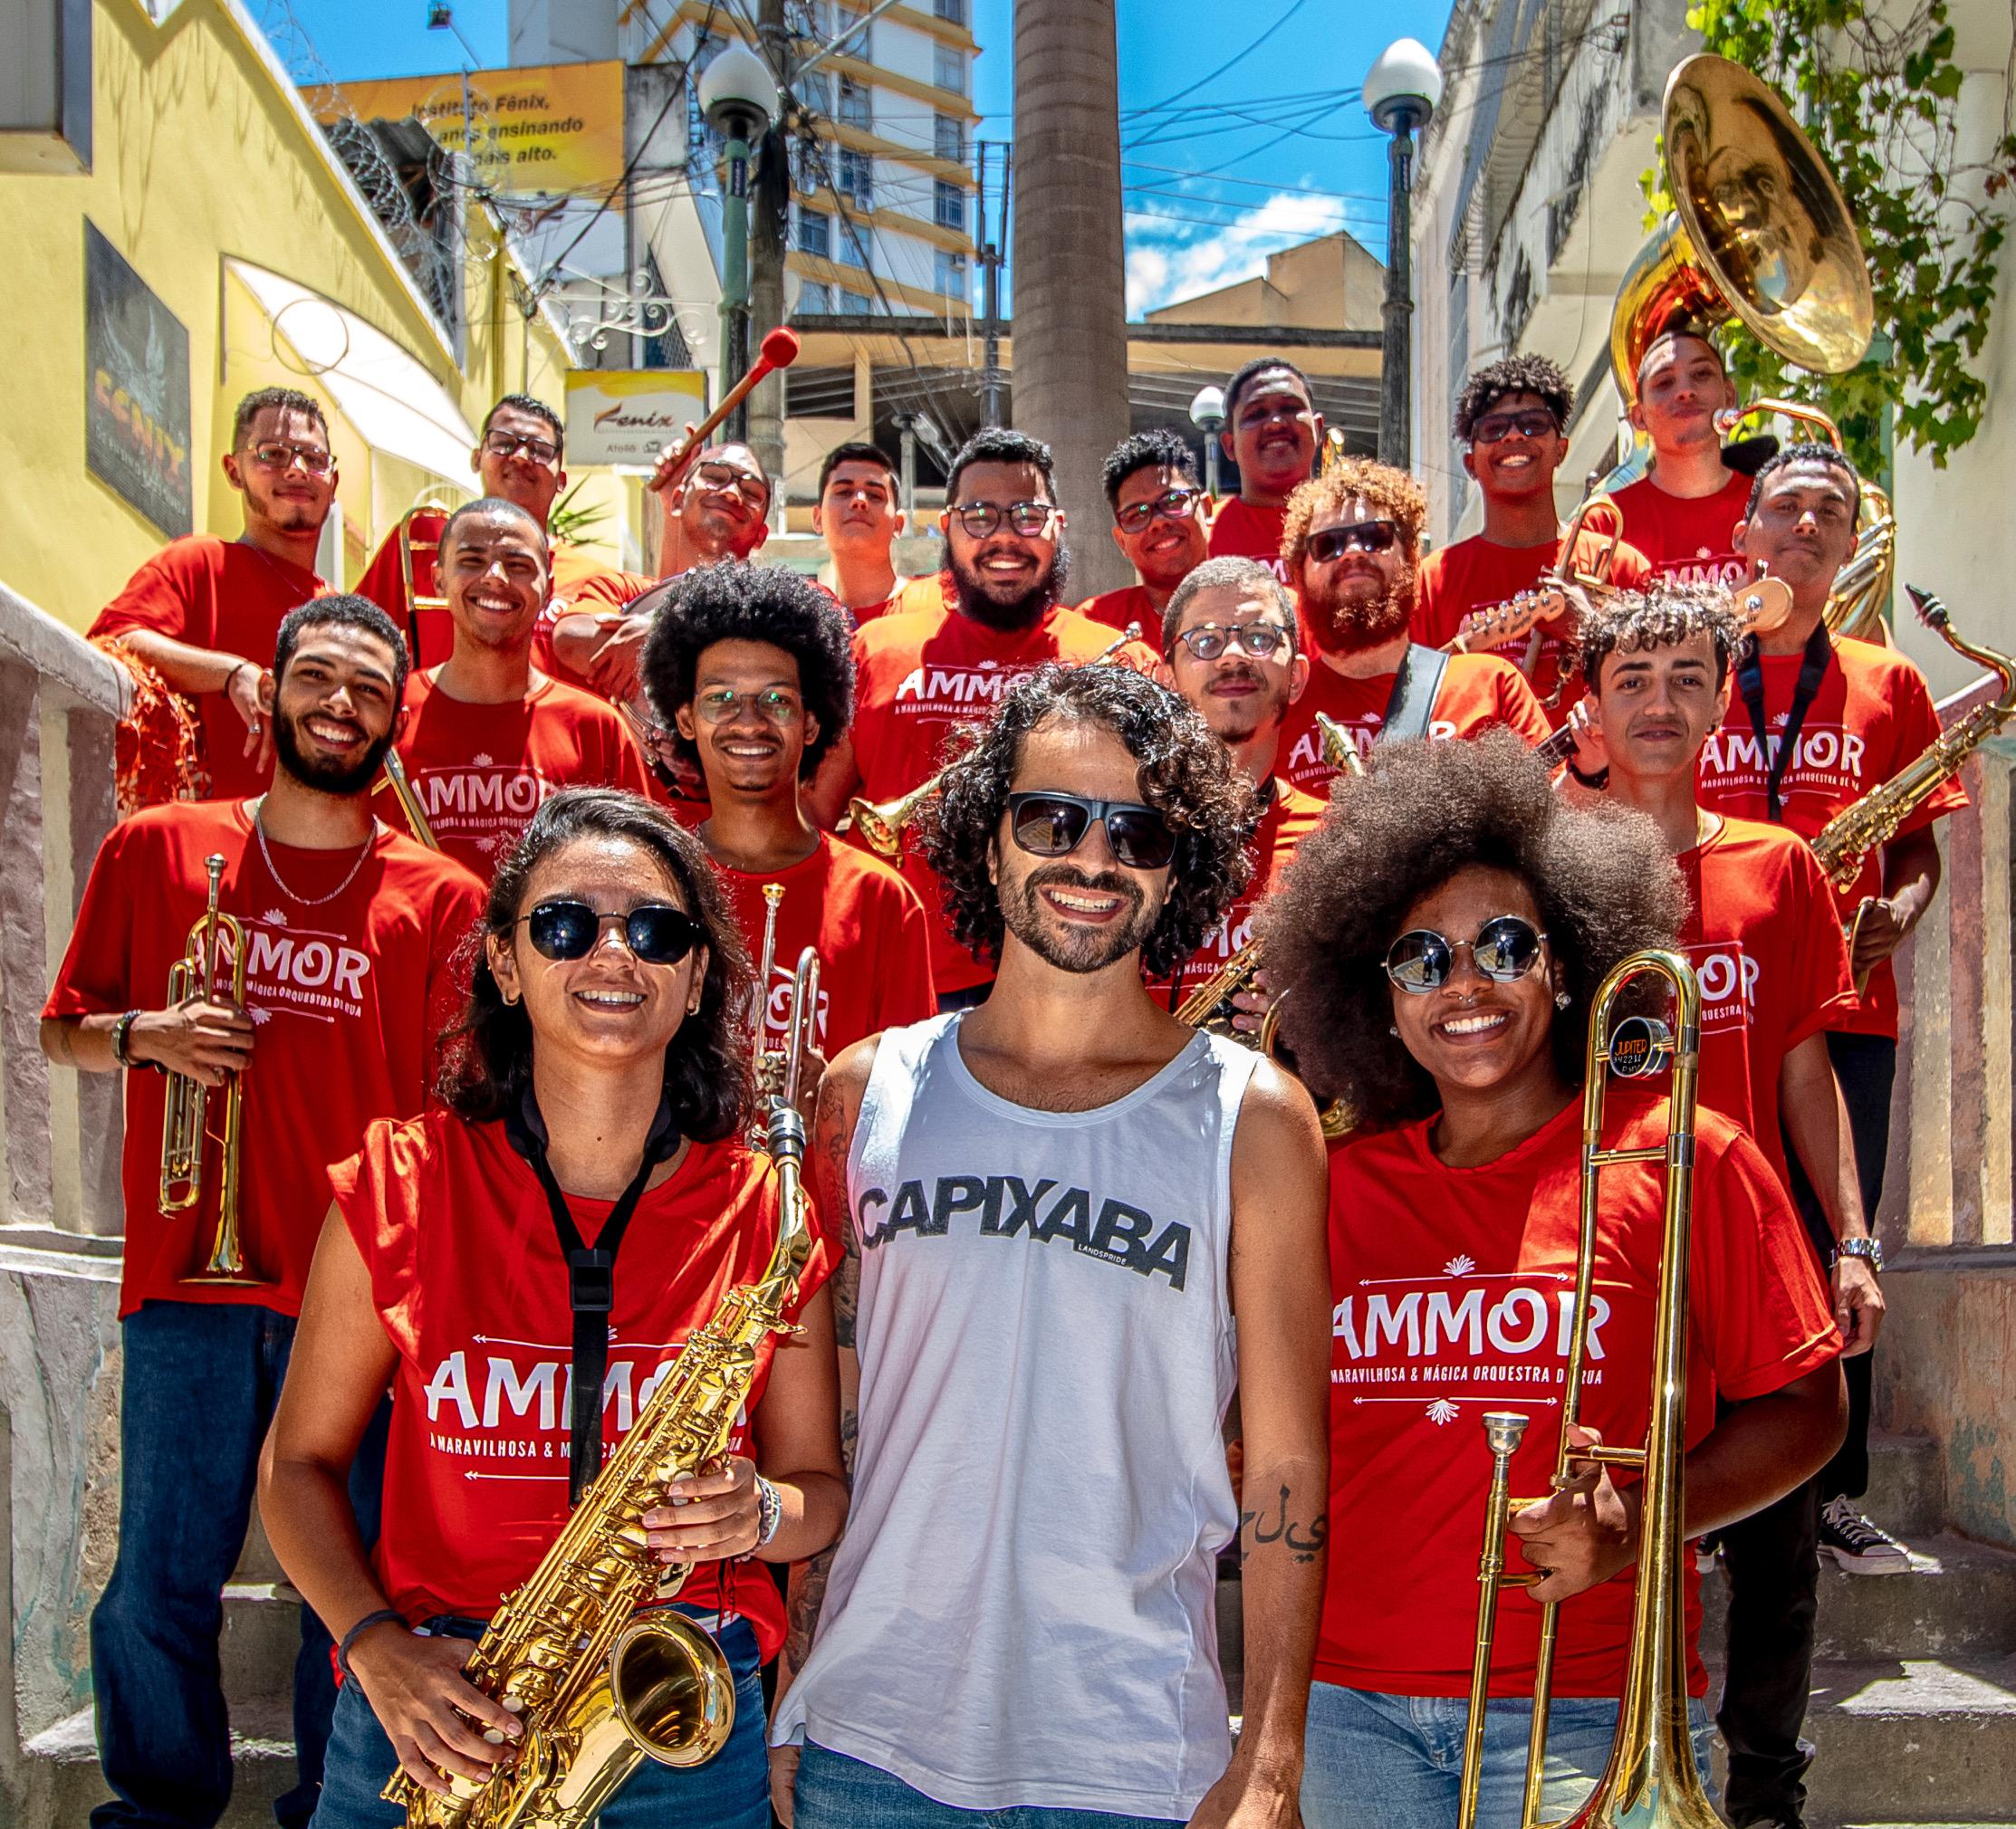 Orquestra Ammor é uma das atrações do baile. Foto: Ricardo Galvão/Divulgação